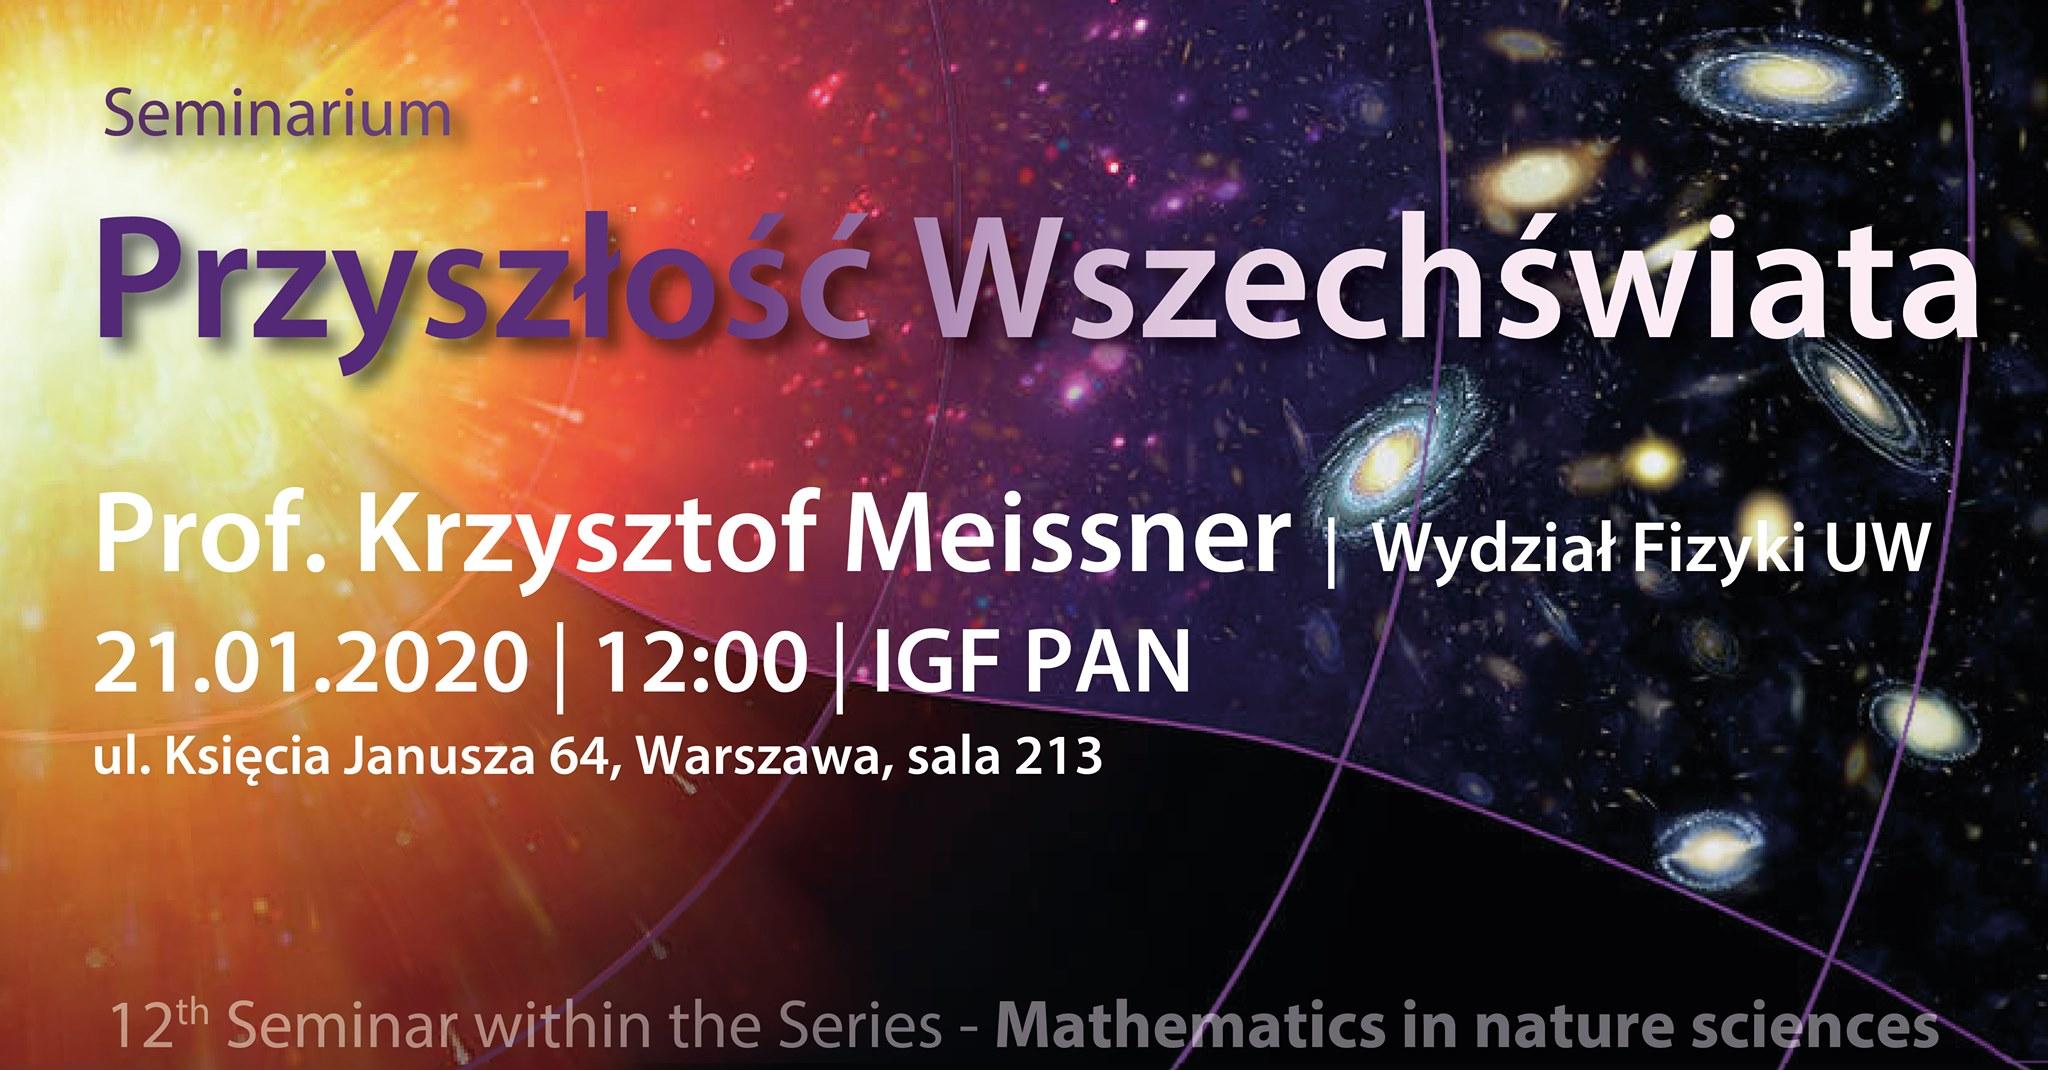 Przyszłość Wszechświata: Matematyka wnaukach przyrodniczych @ Księcia Janusza 64